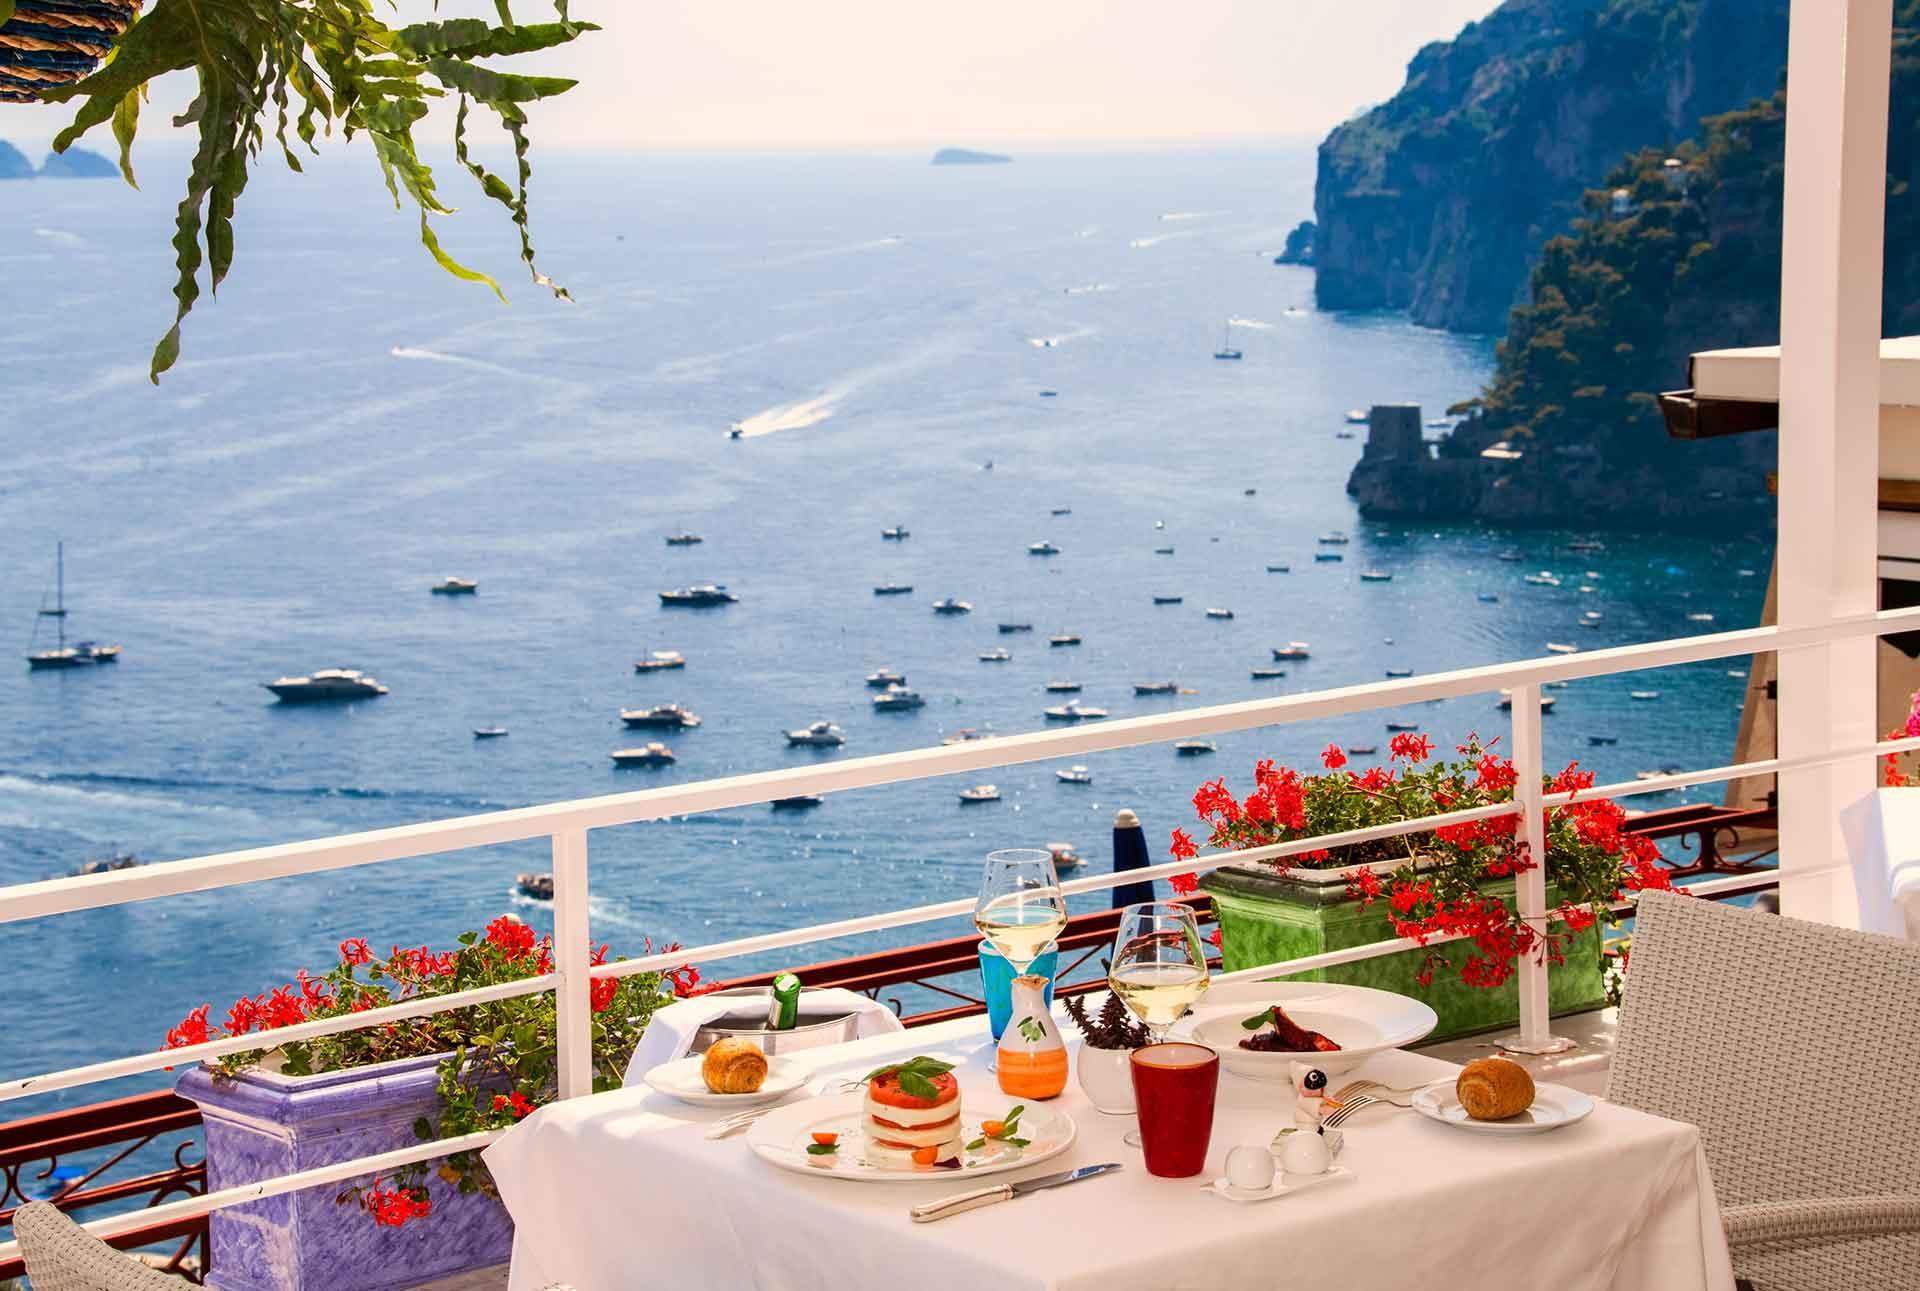 terrazza panorami vista Isola dei Galli a Positano